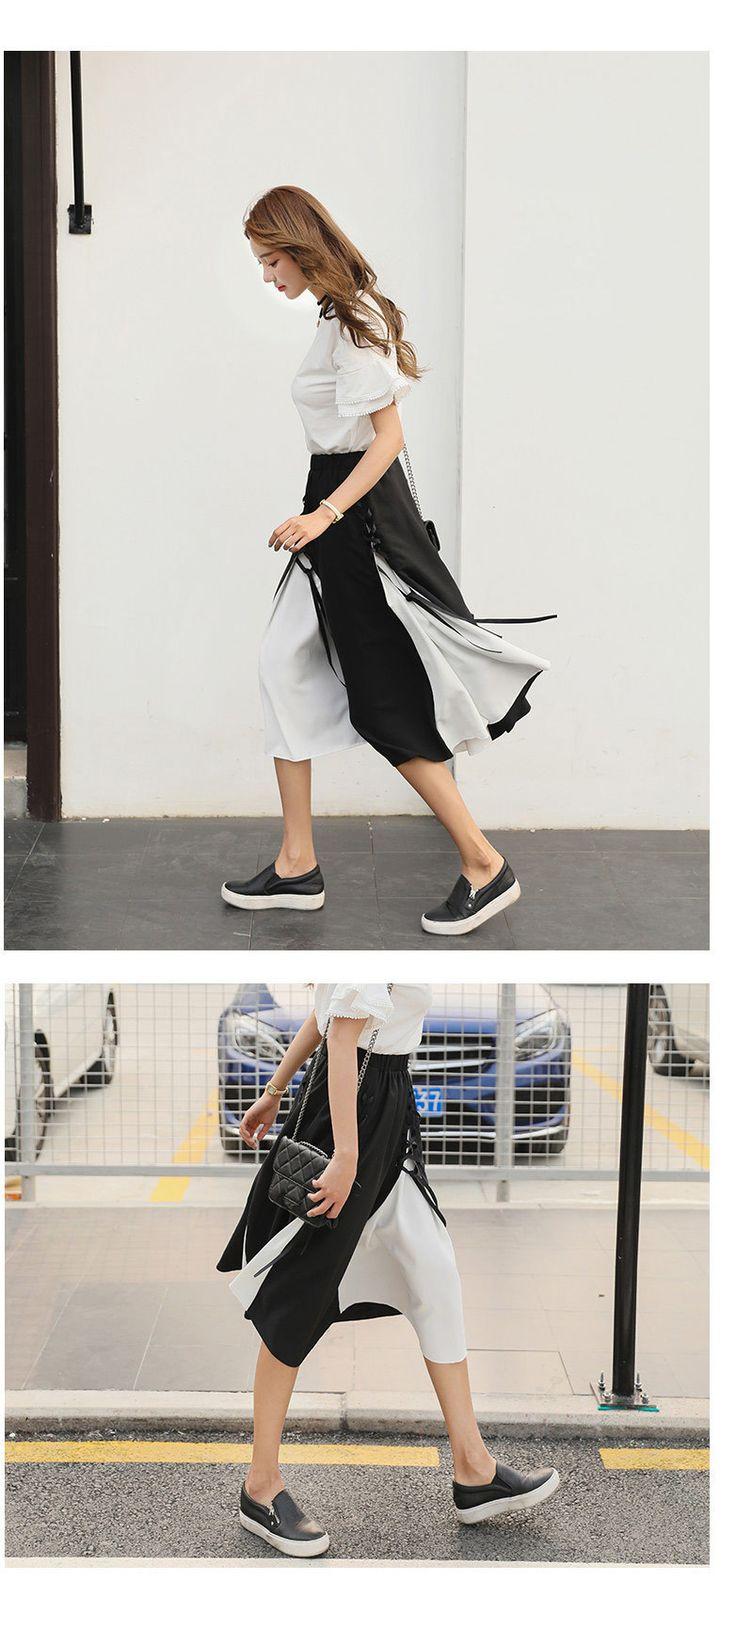 ASYMSAY 2017 Summer Street Fashion Falda de Talle Alto Mujer Cruz Spliced Vendaje Irregular Hem Una Línea de Faldas AC4060 en Faldas de Ropa y Accesorios de las mujeres en AliExpress.com | Alibaba Group